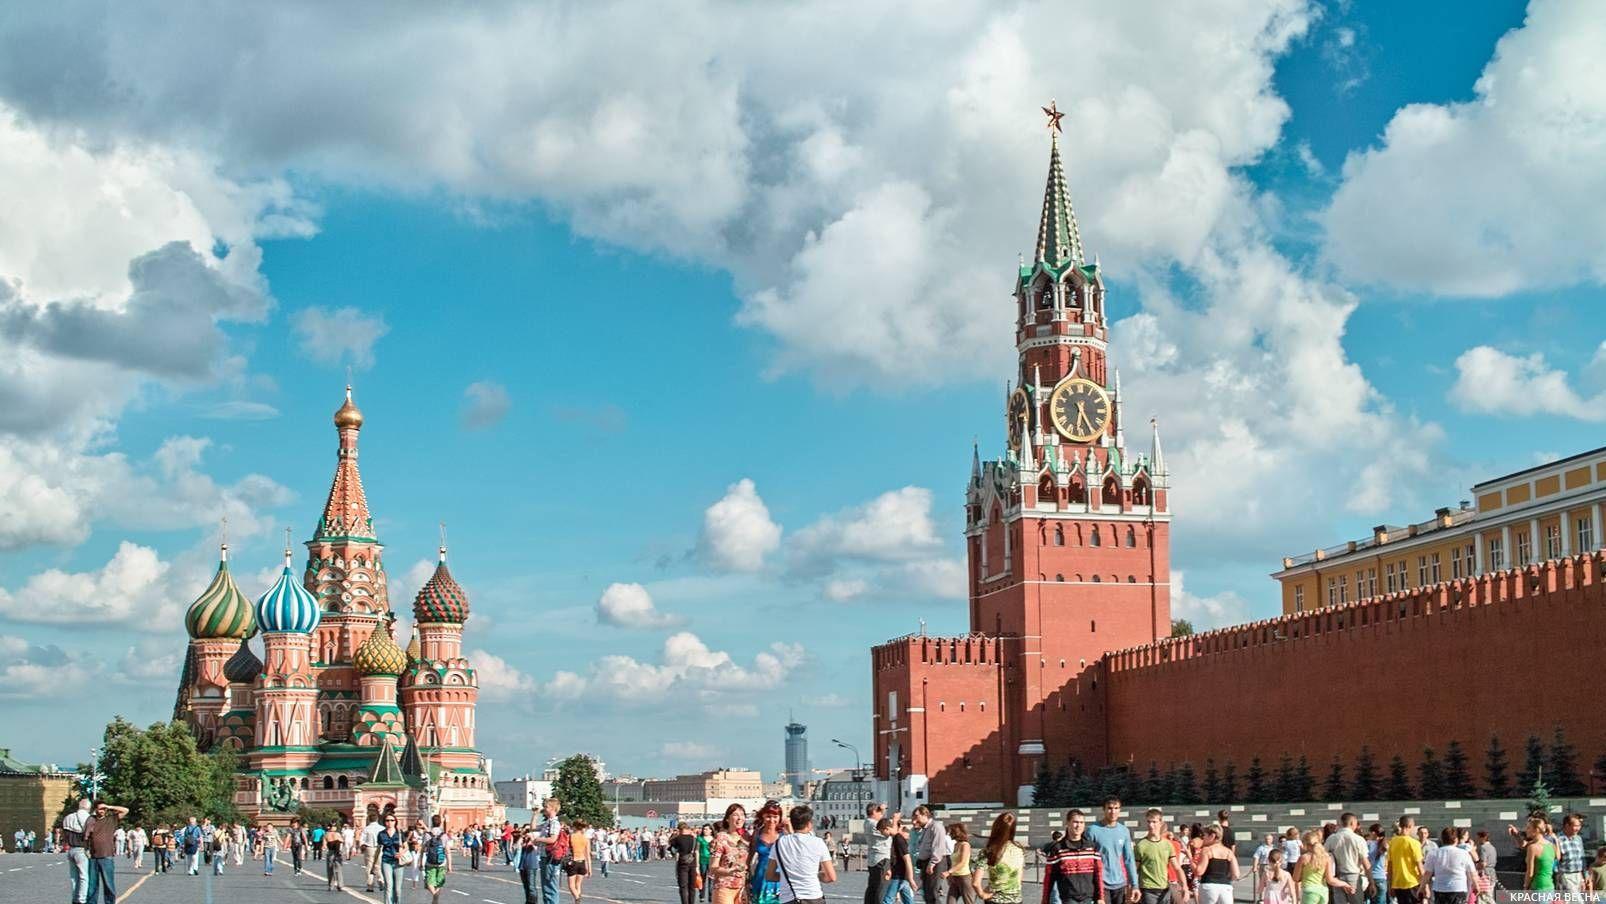 Кремль. Красная площадь. Москва